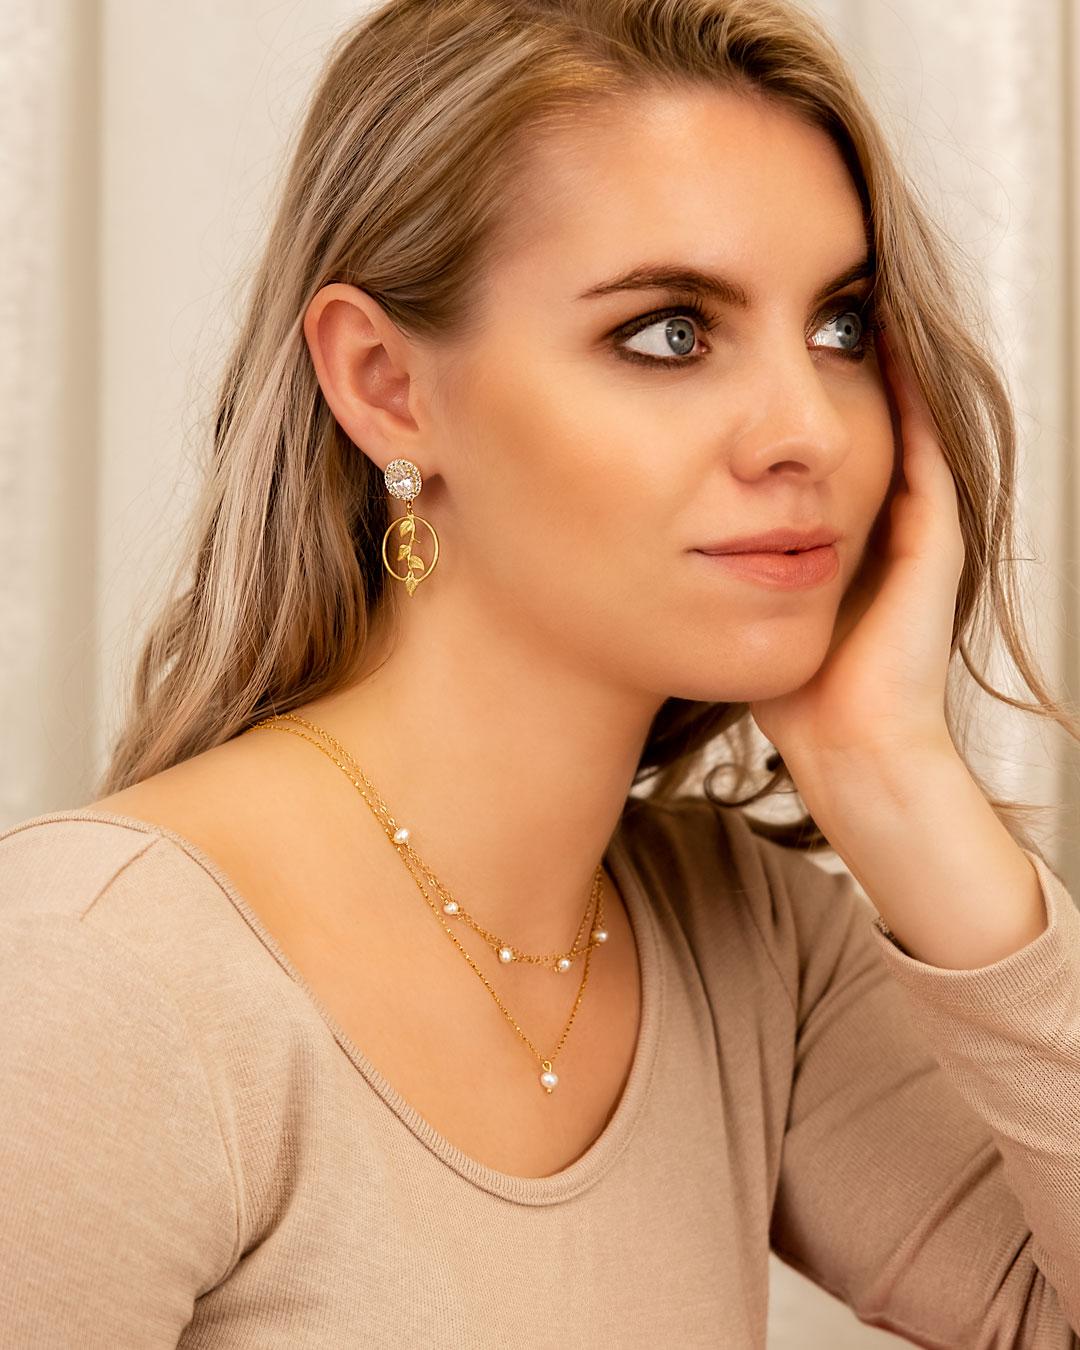 Minimalistische parel ketting om hals bij vrouw